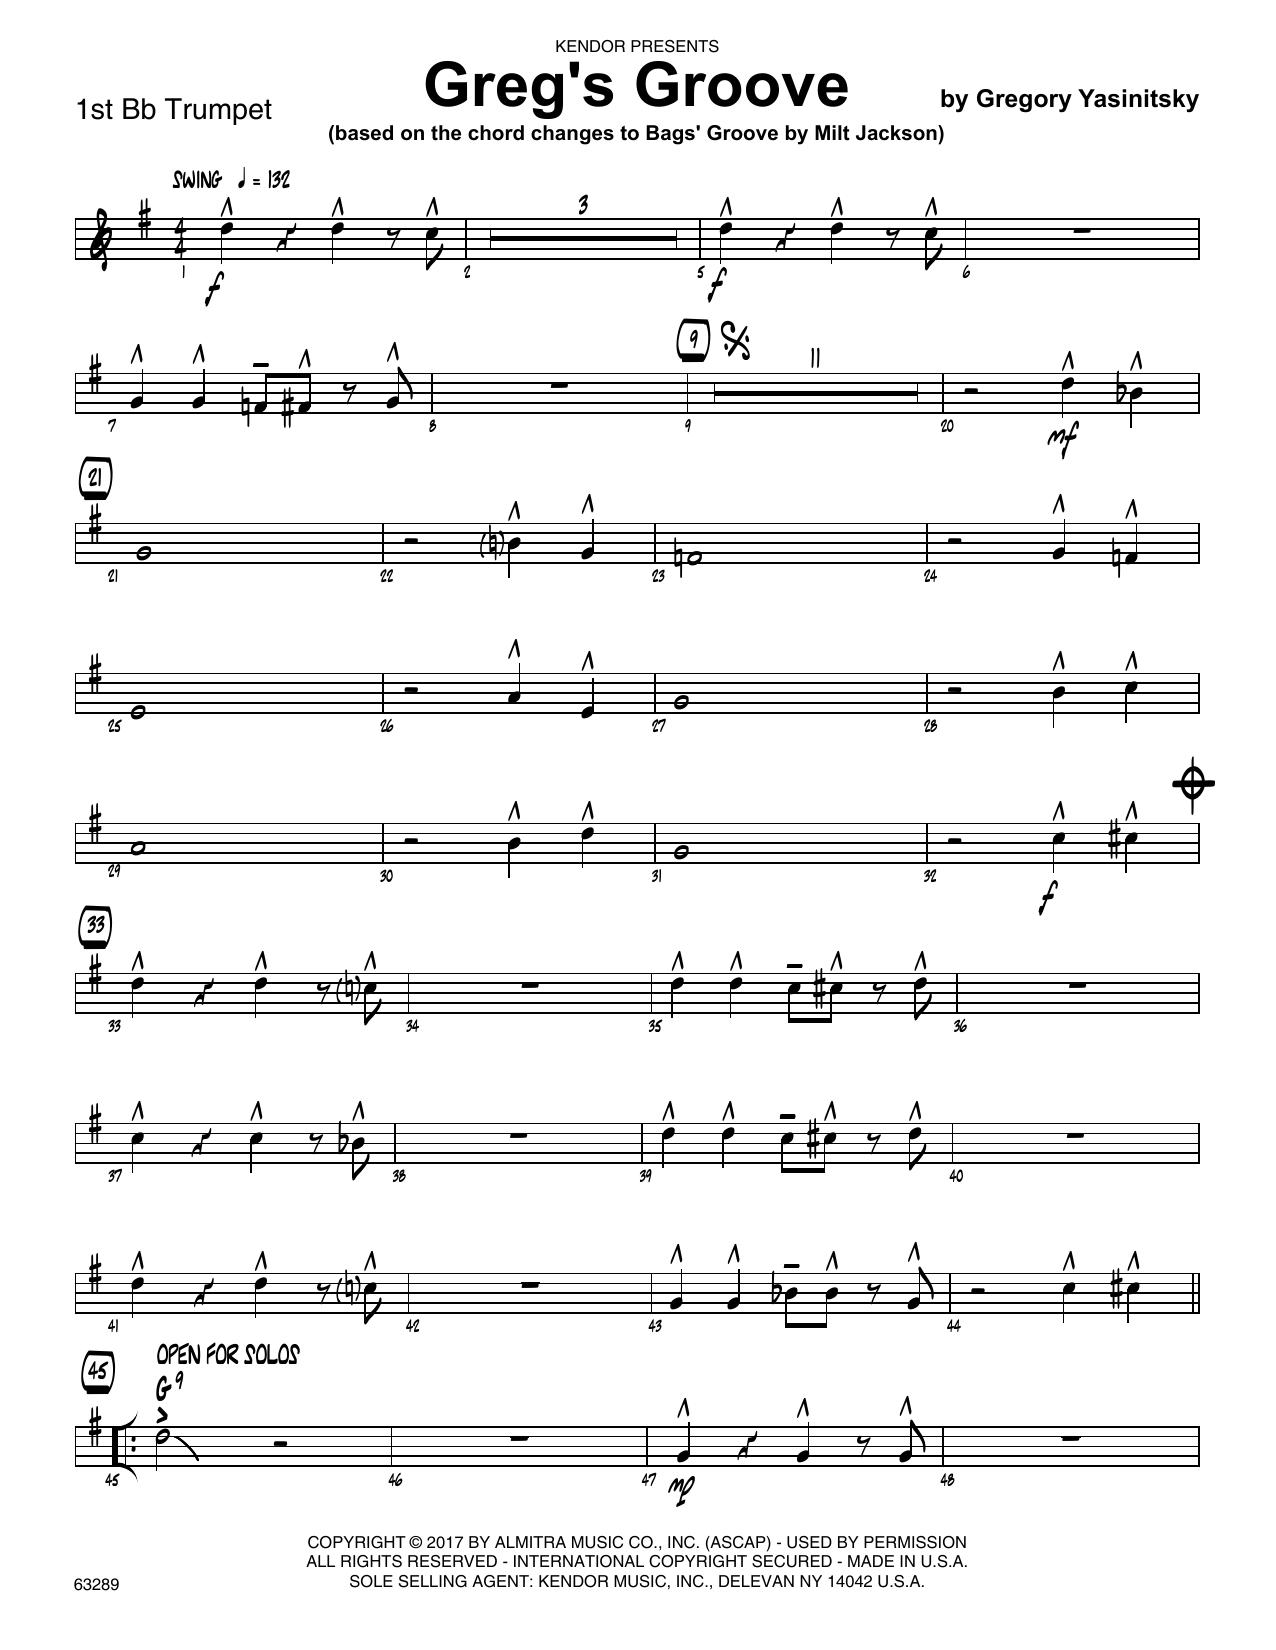 Greg's Groove - 1st Bb Trumpet Sheet Music